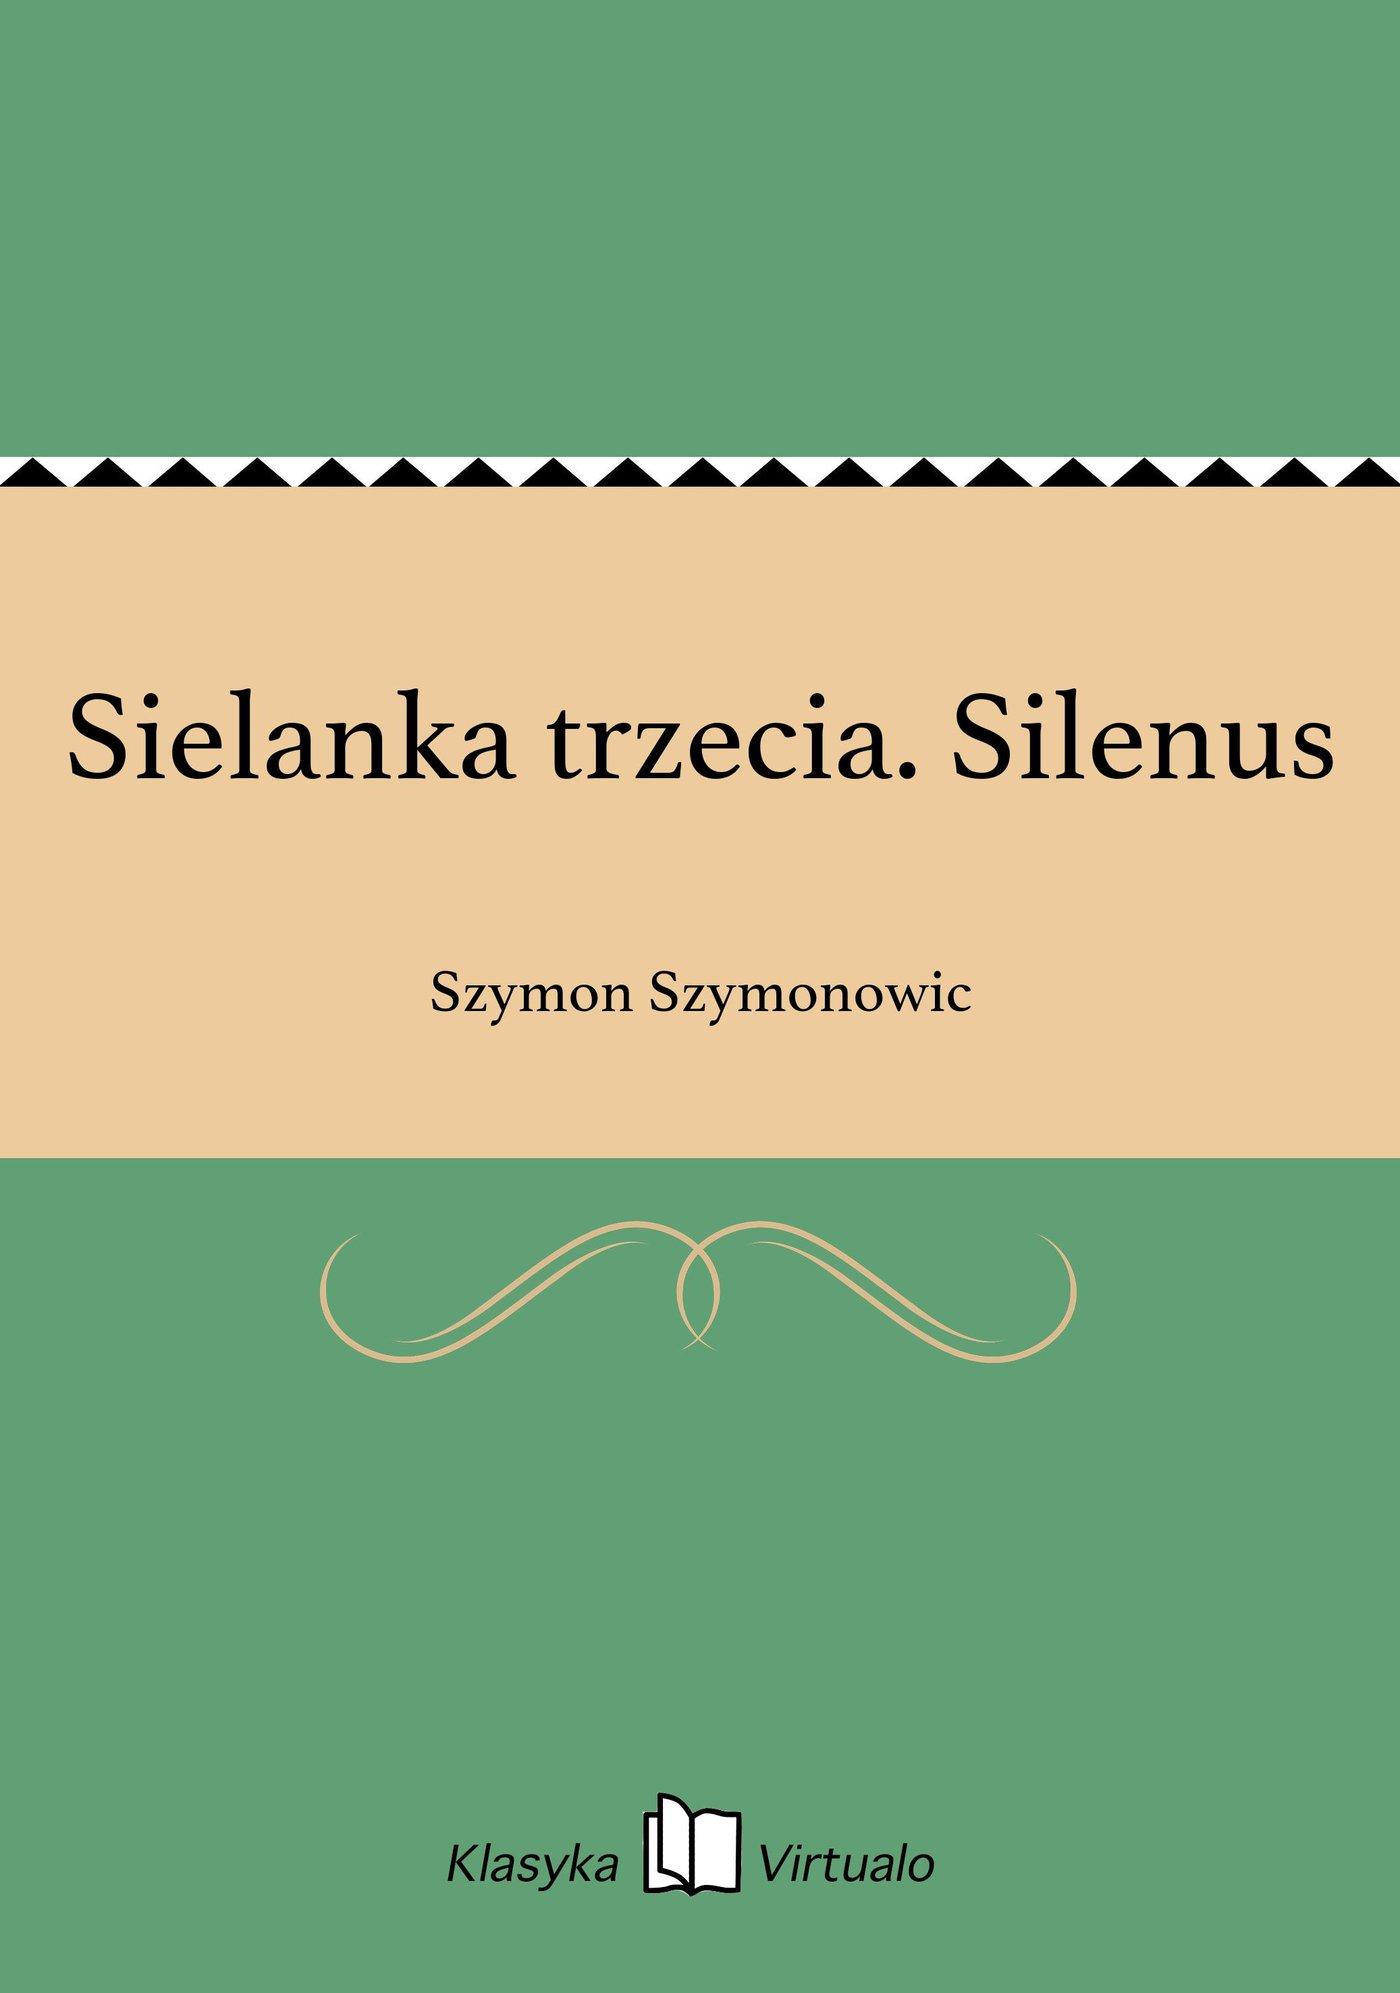 Sielanka trzecia. Silenus - Ebook (Książka na Kindle) do pobrania w formacie MOBI